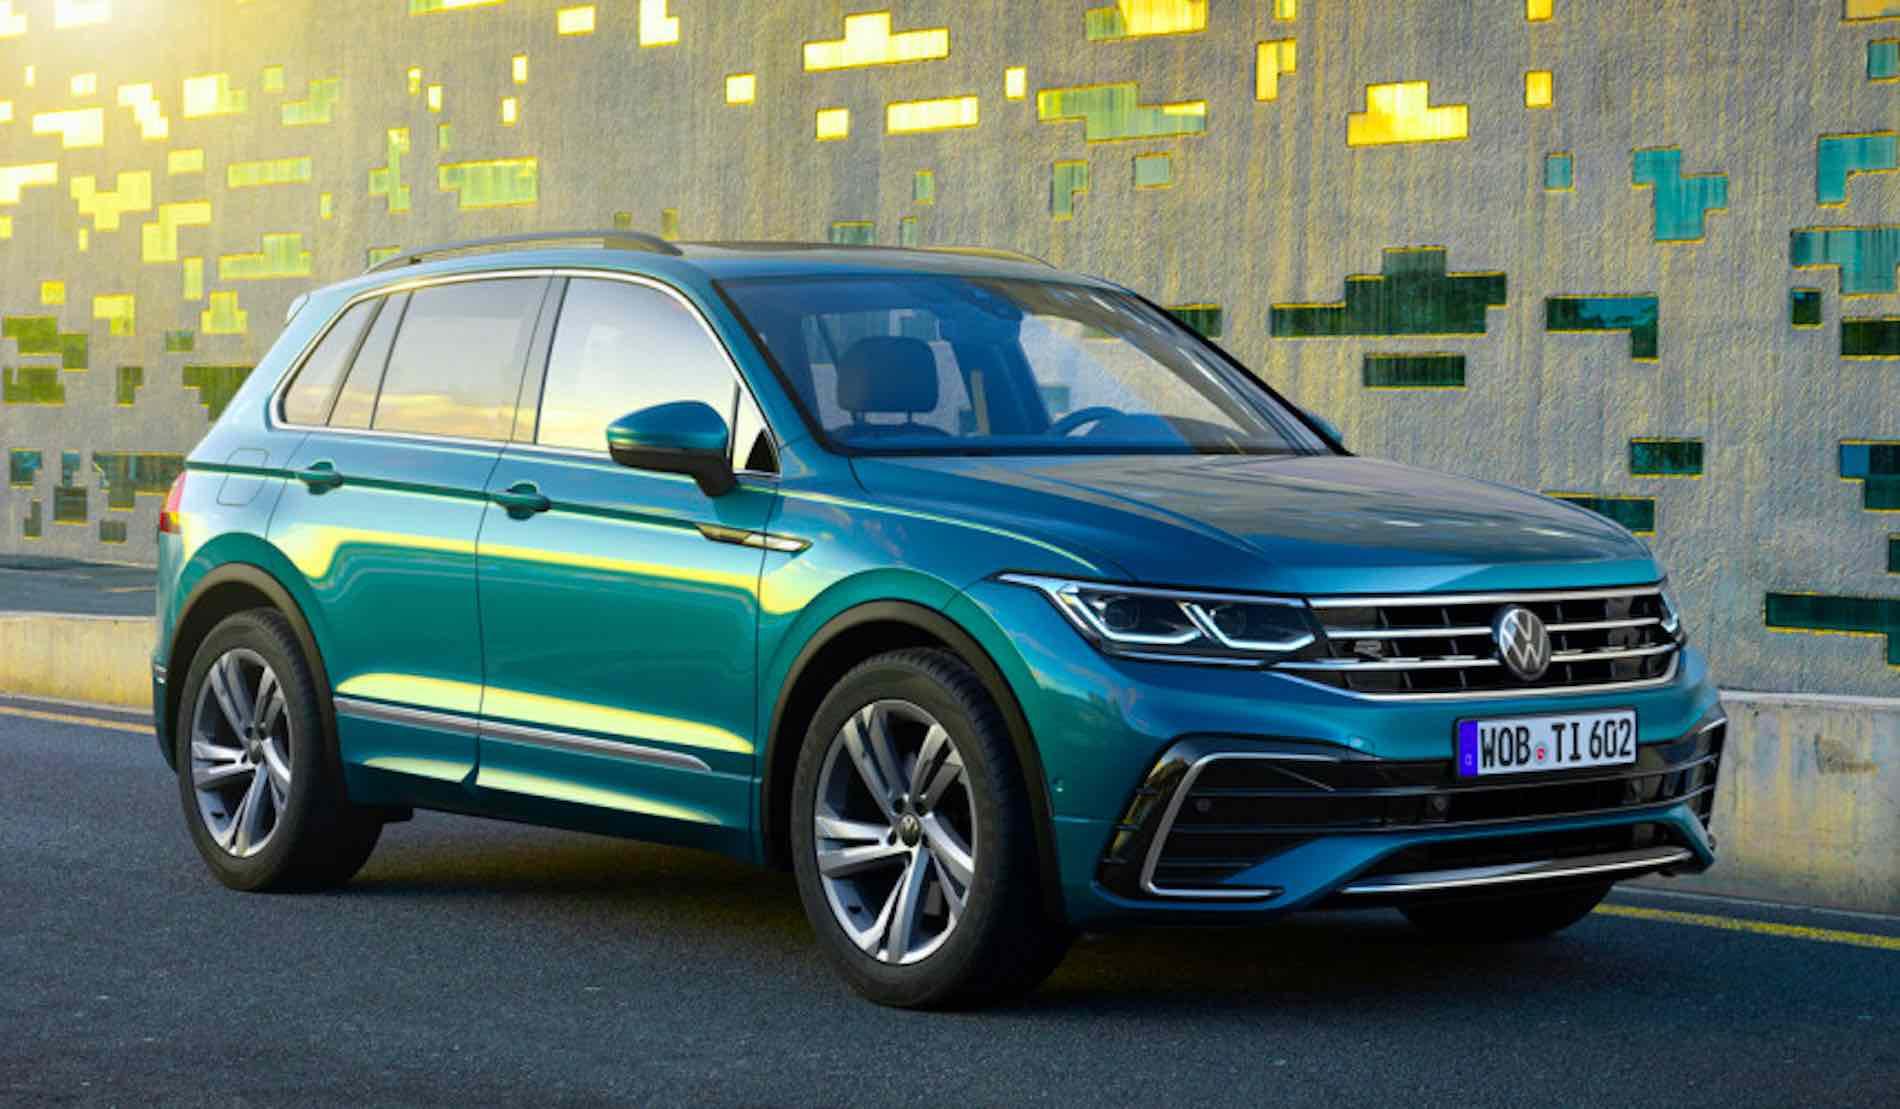 Улучшенный VW Tiguan в РФ останется без дизеля